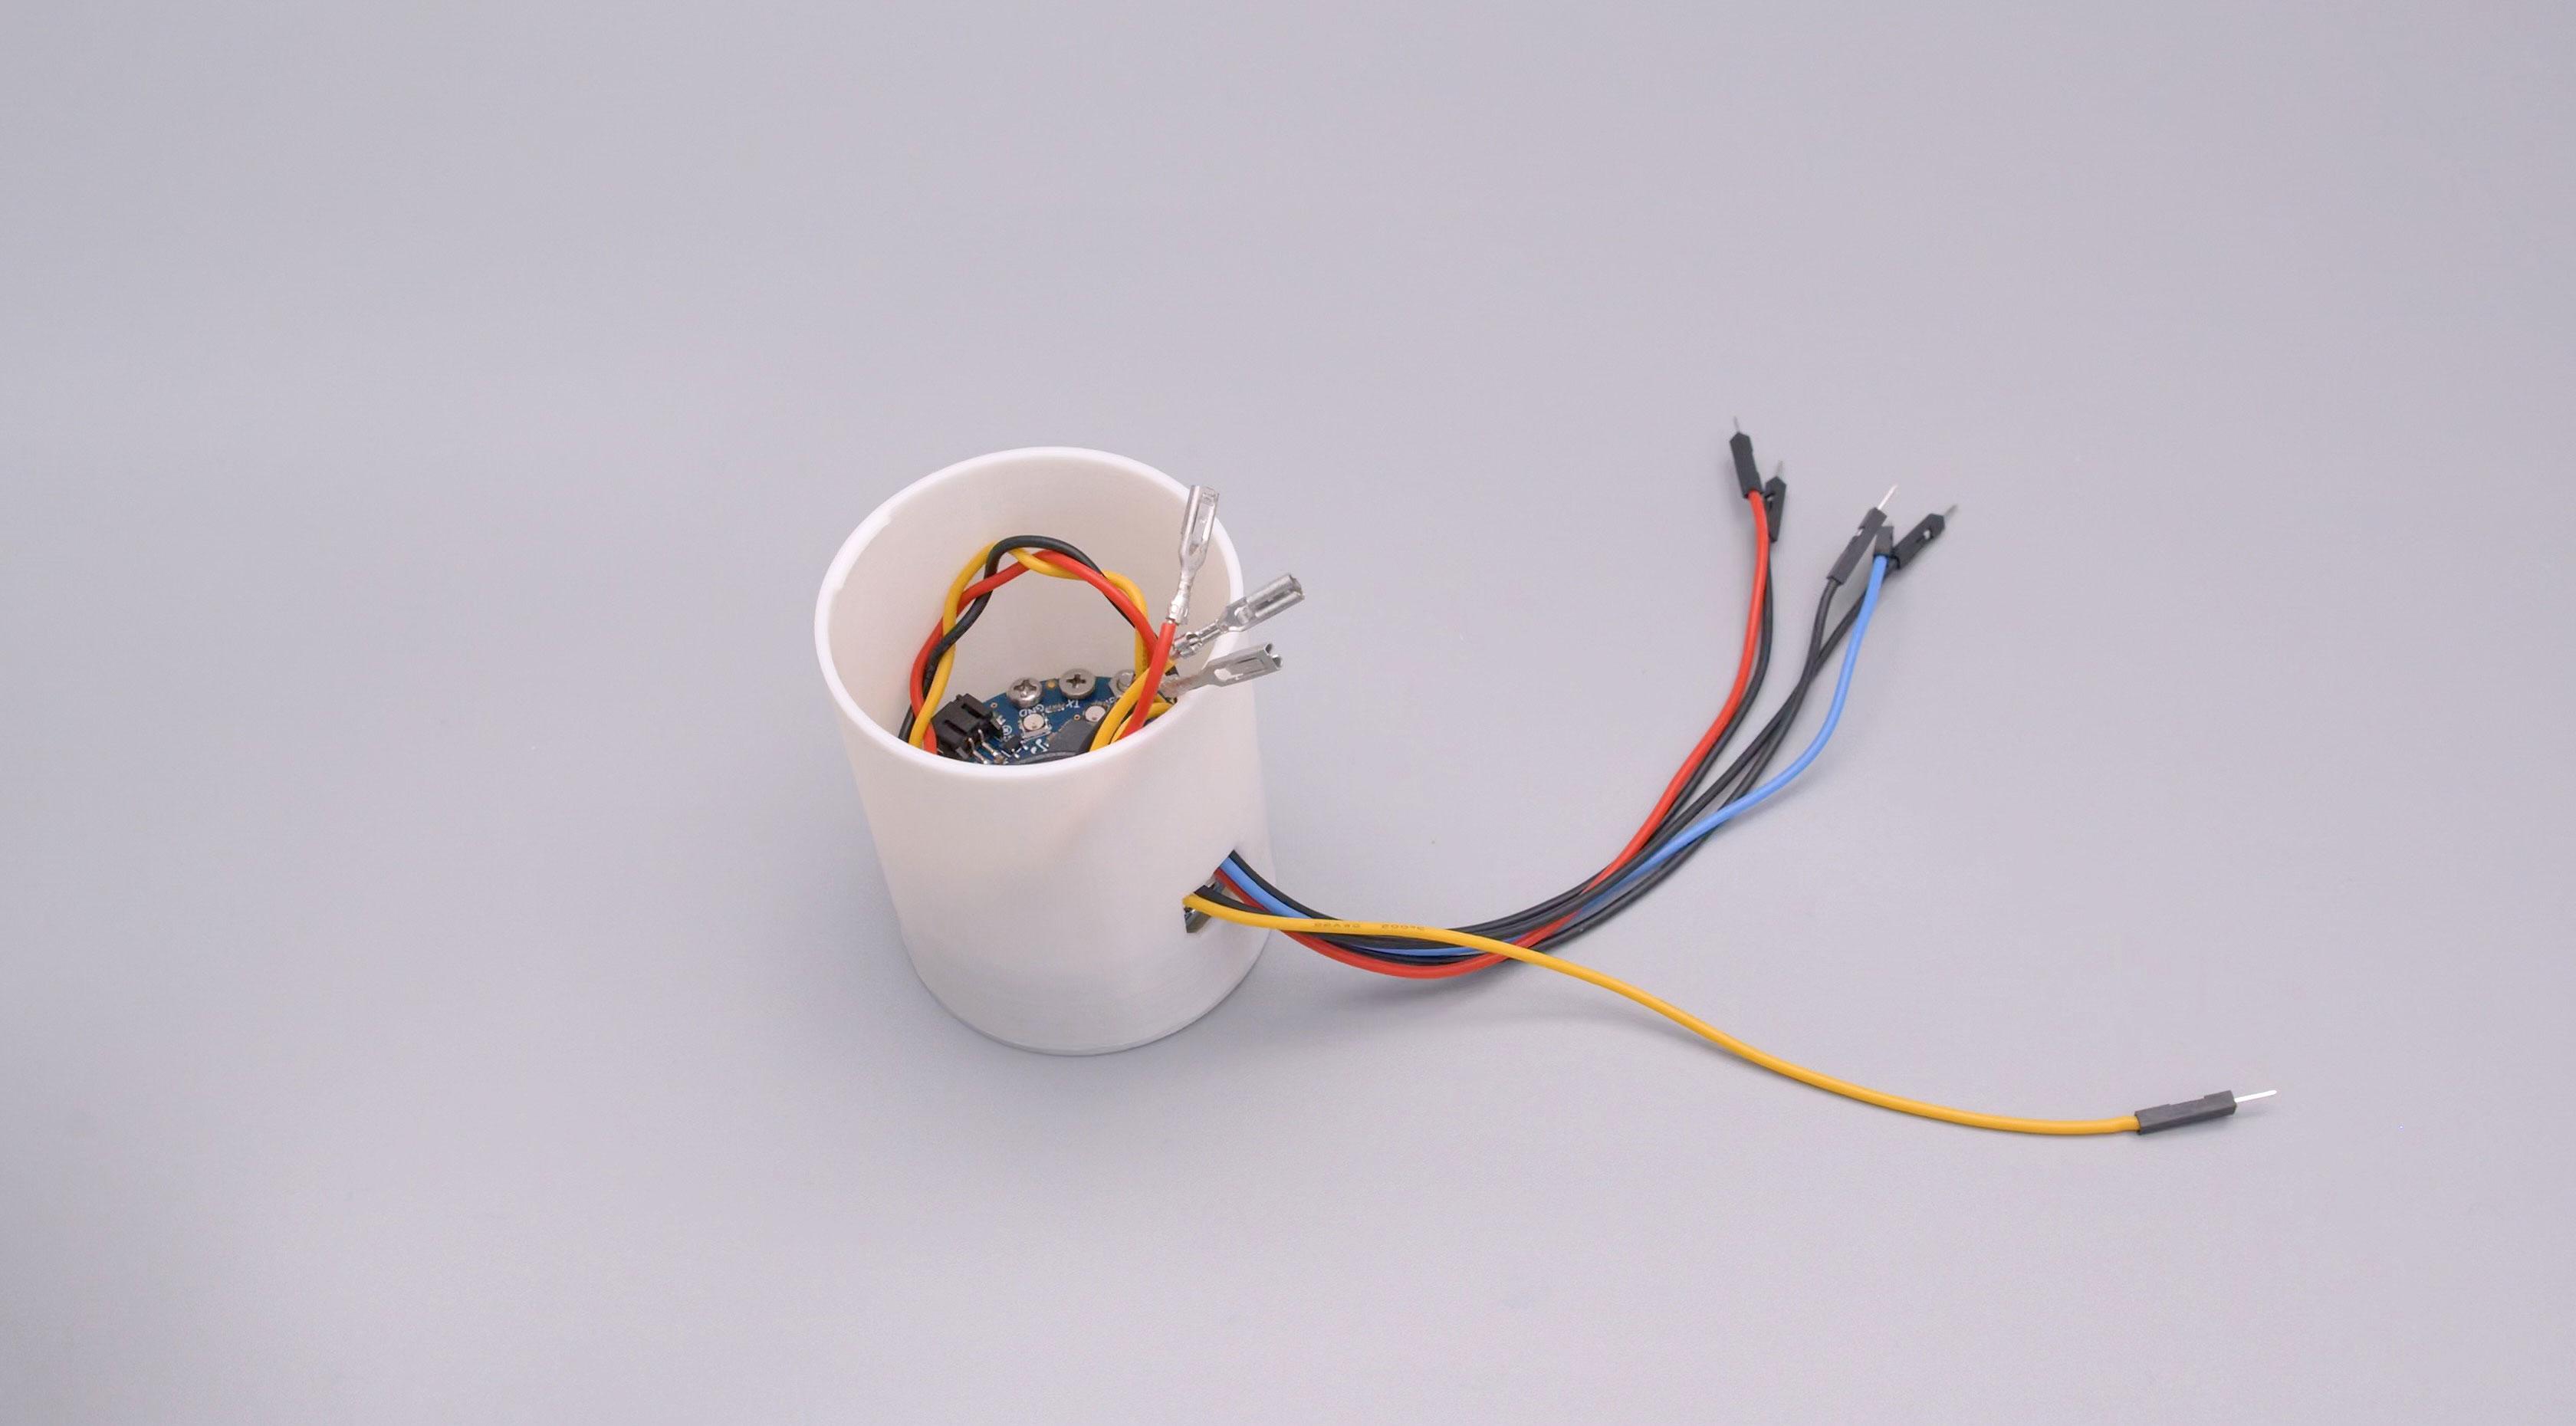 3d_printing_wires-port.jpg